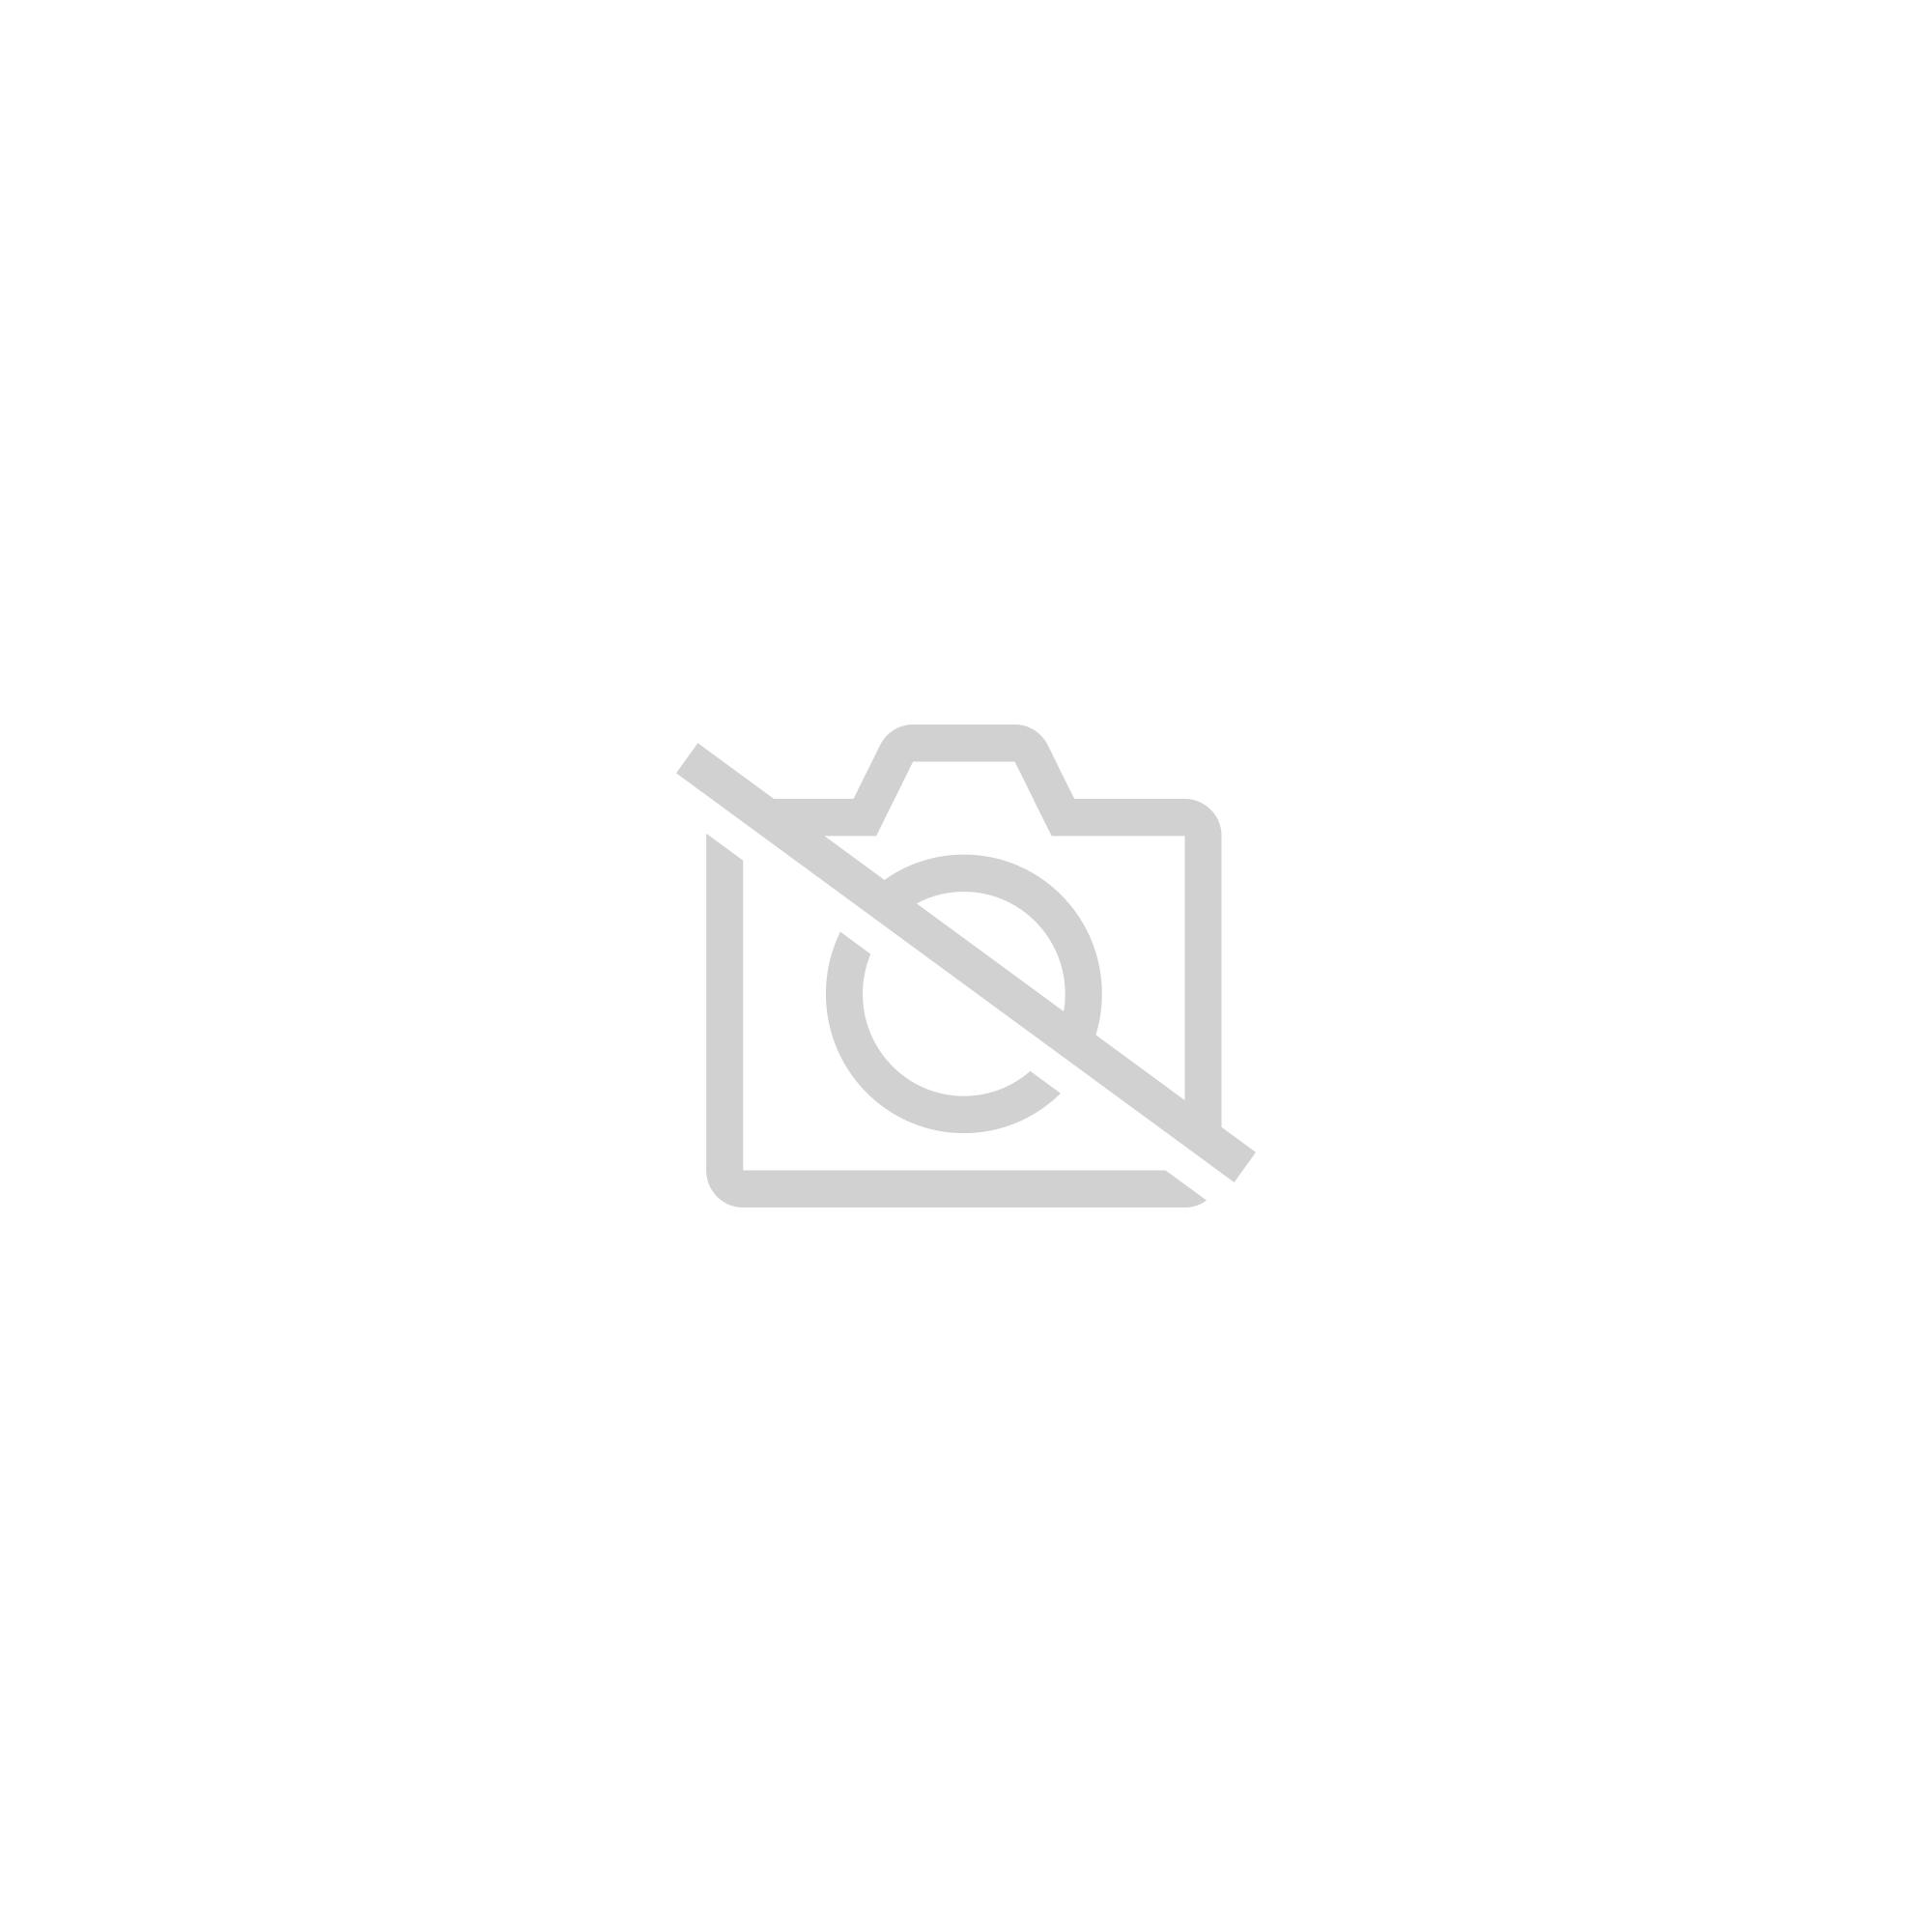 Bracelet Apple Watch 38mm Silicone Souple Bracelet De Remplacement Pour Iwatch Série 3/2/1 Motif Rayures - Couleur Lime